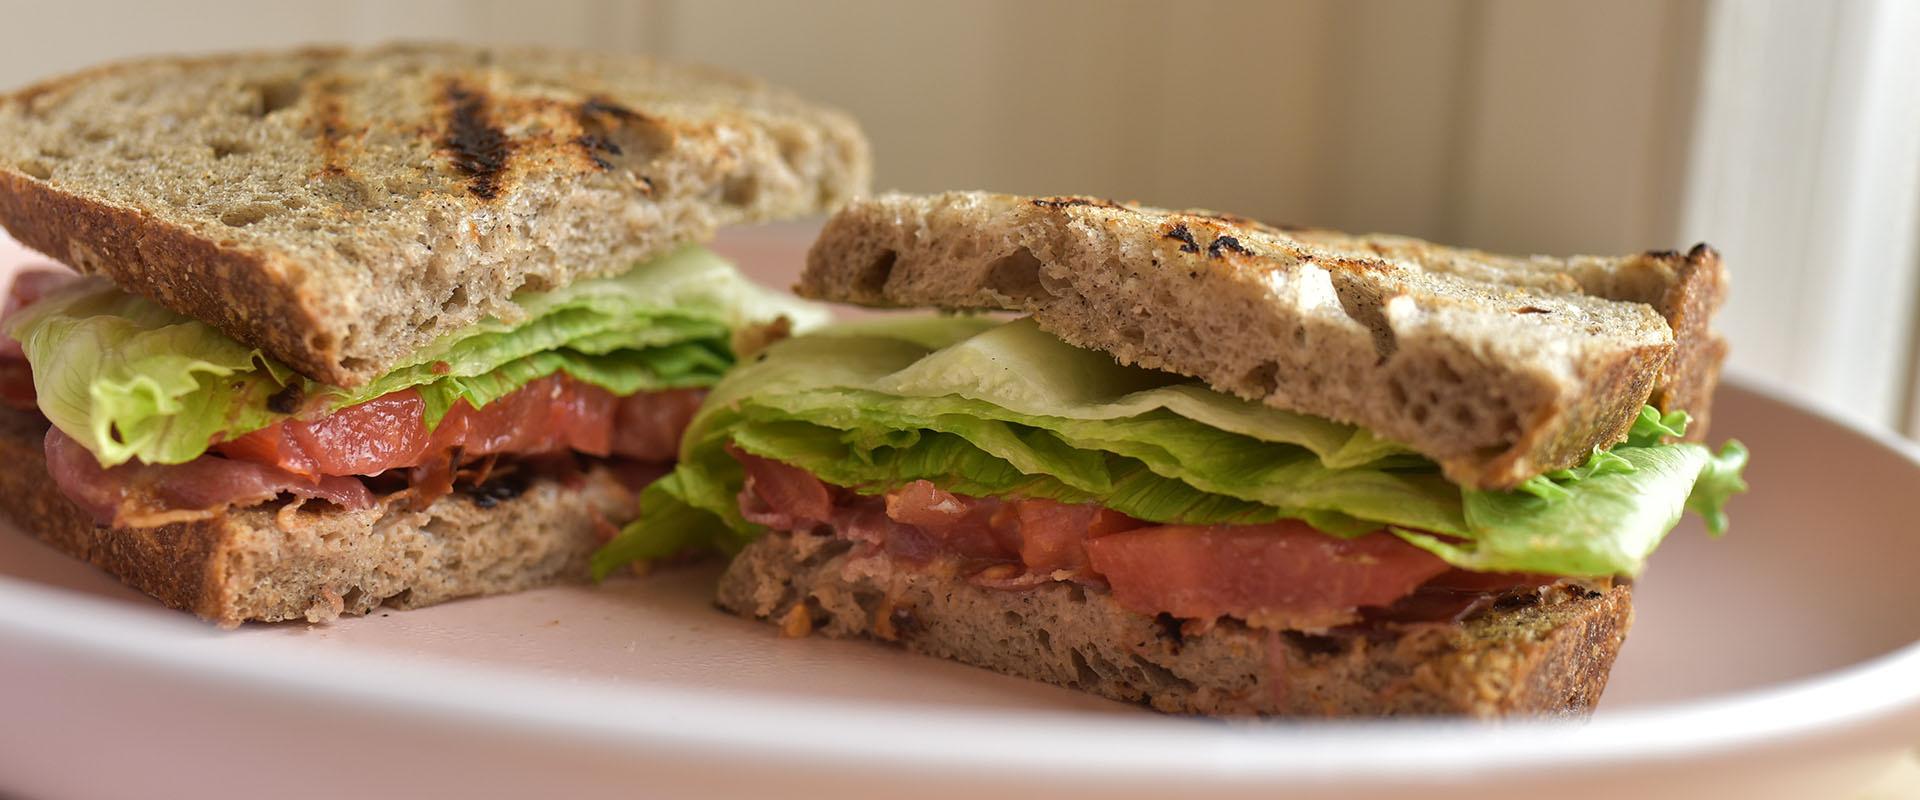 blt szendvics2 - cover